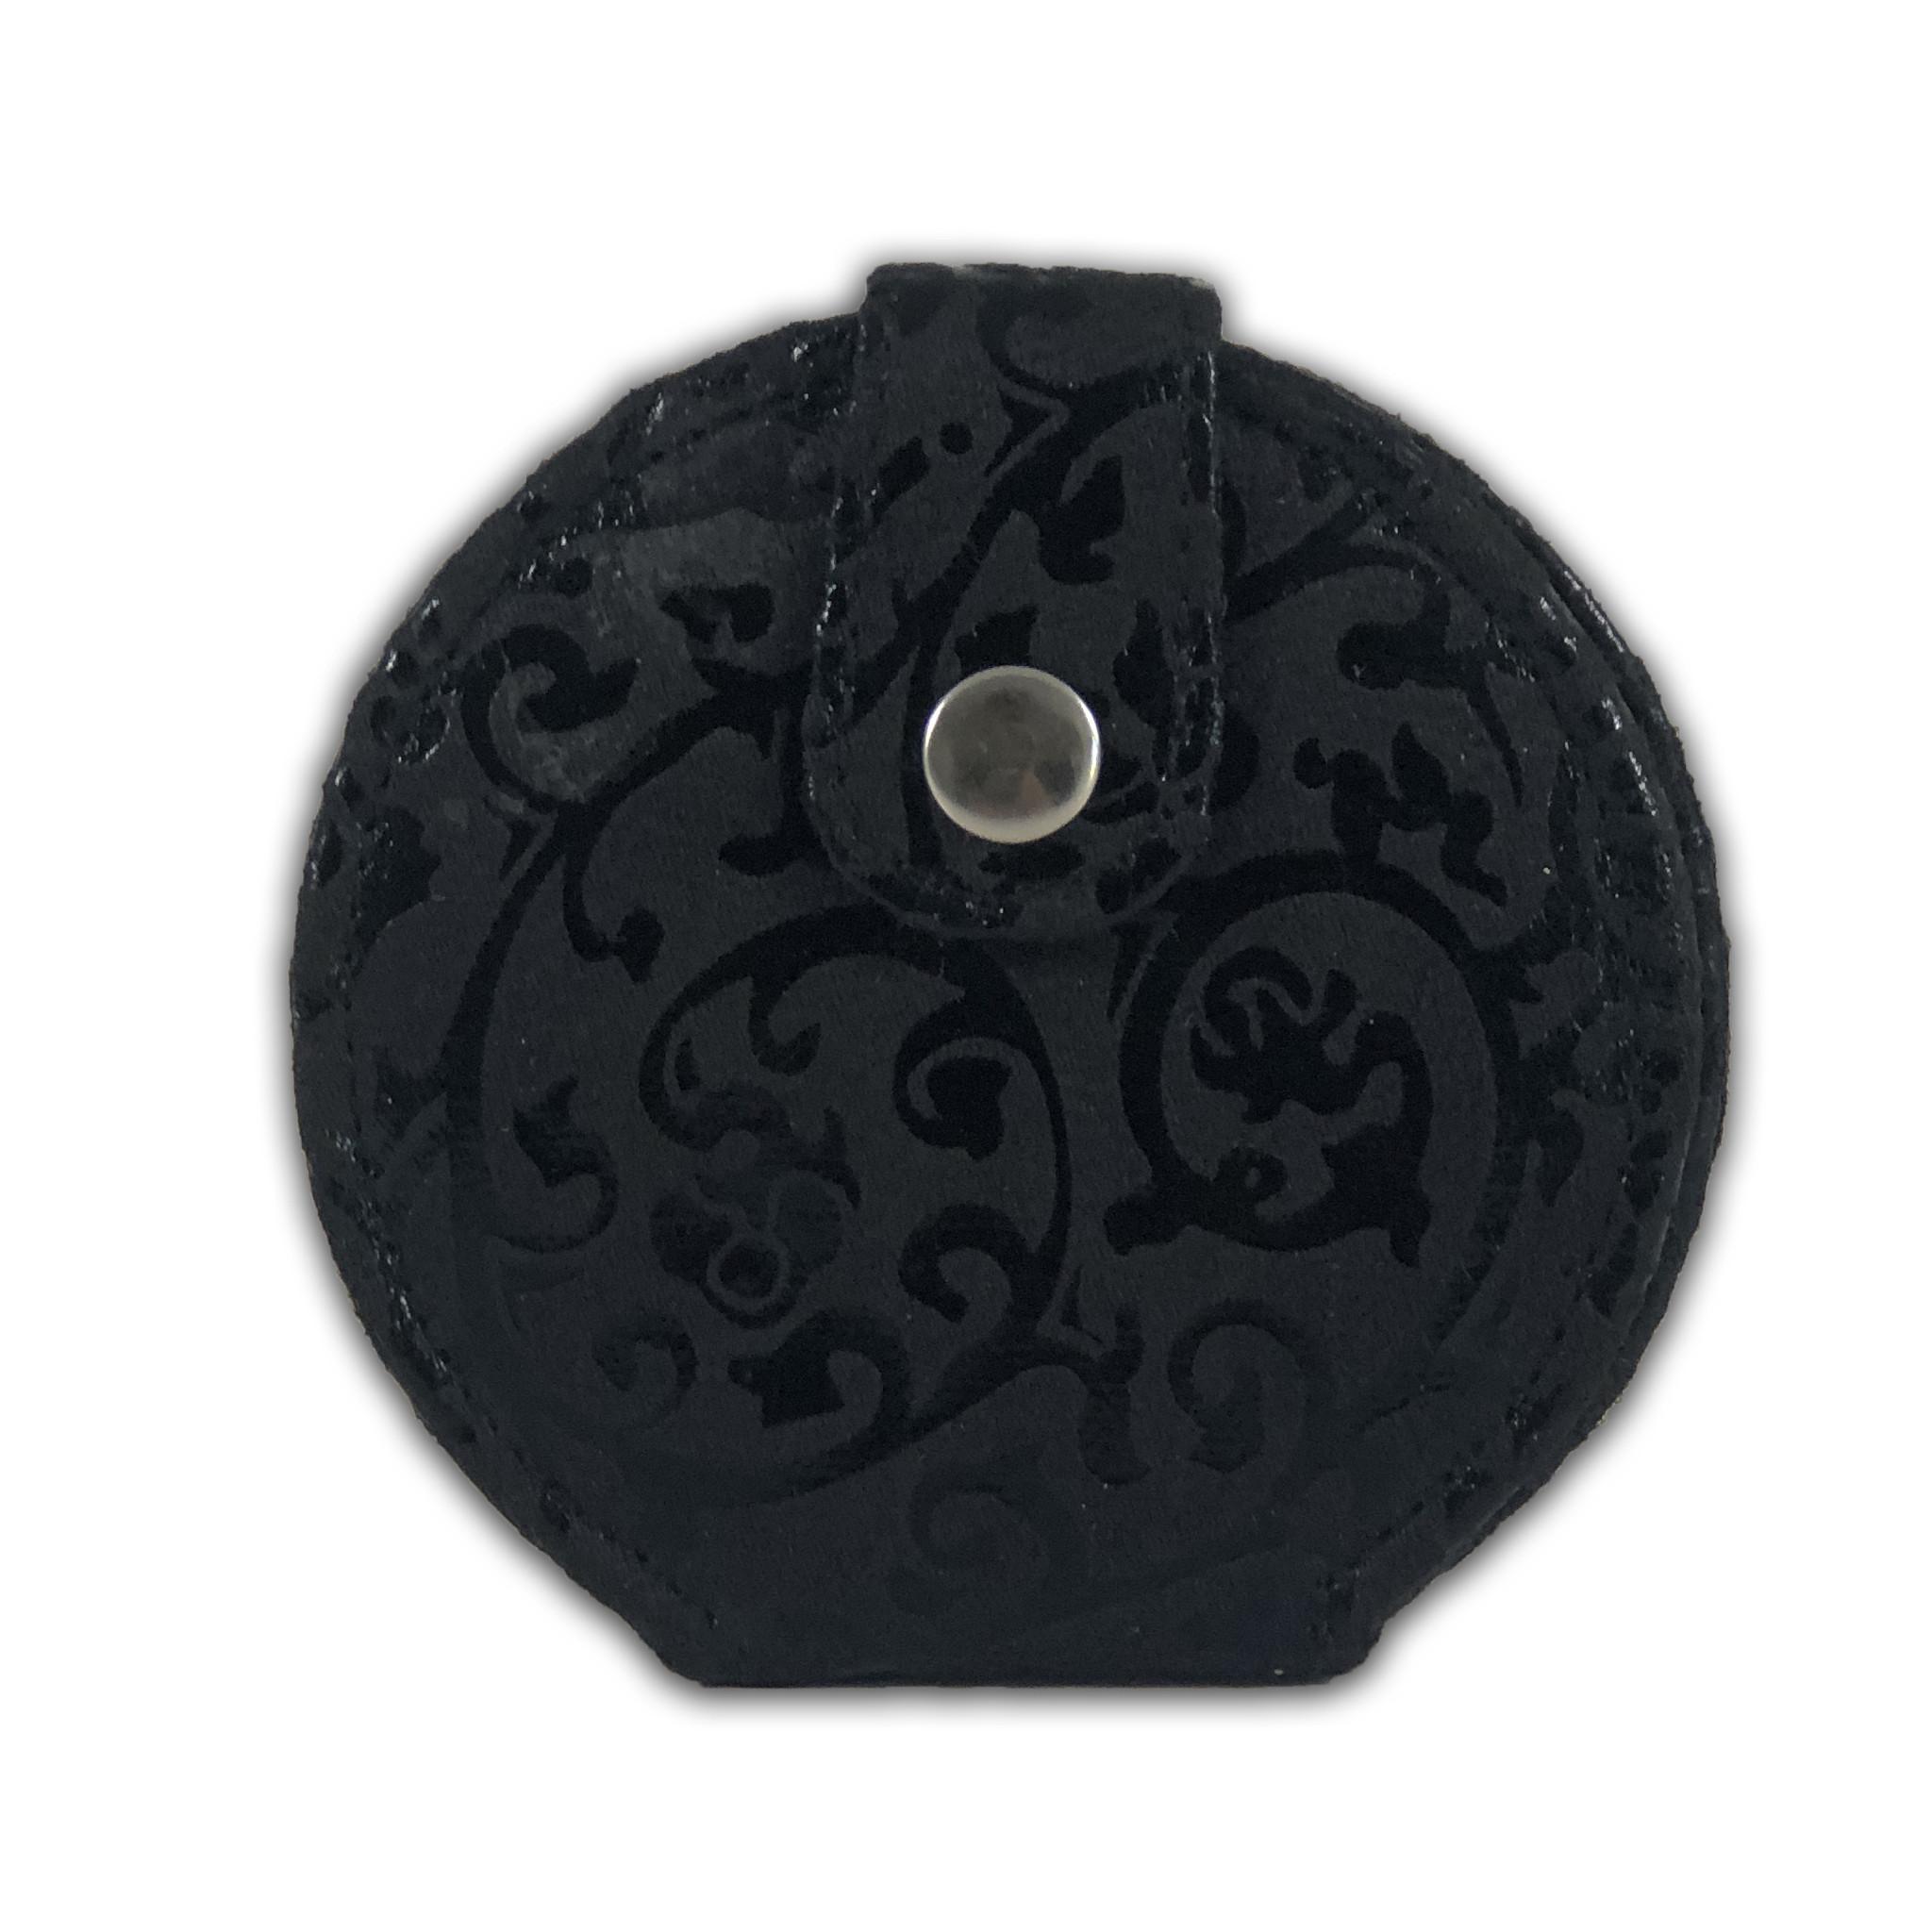 Tasspiegeltje Barrok Zwart